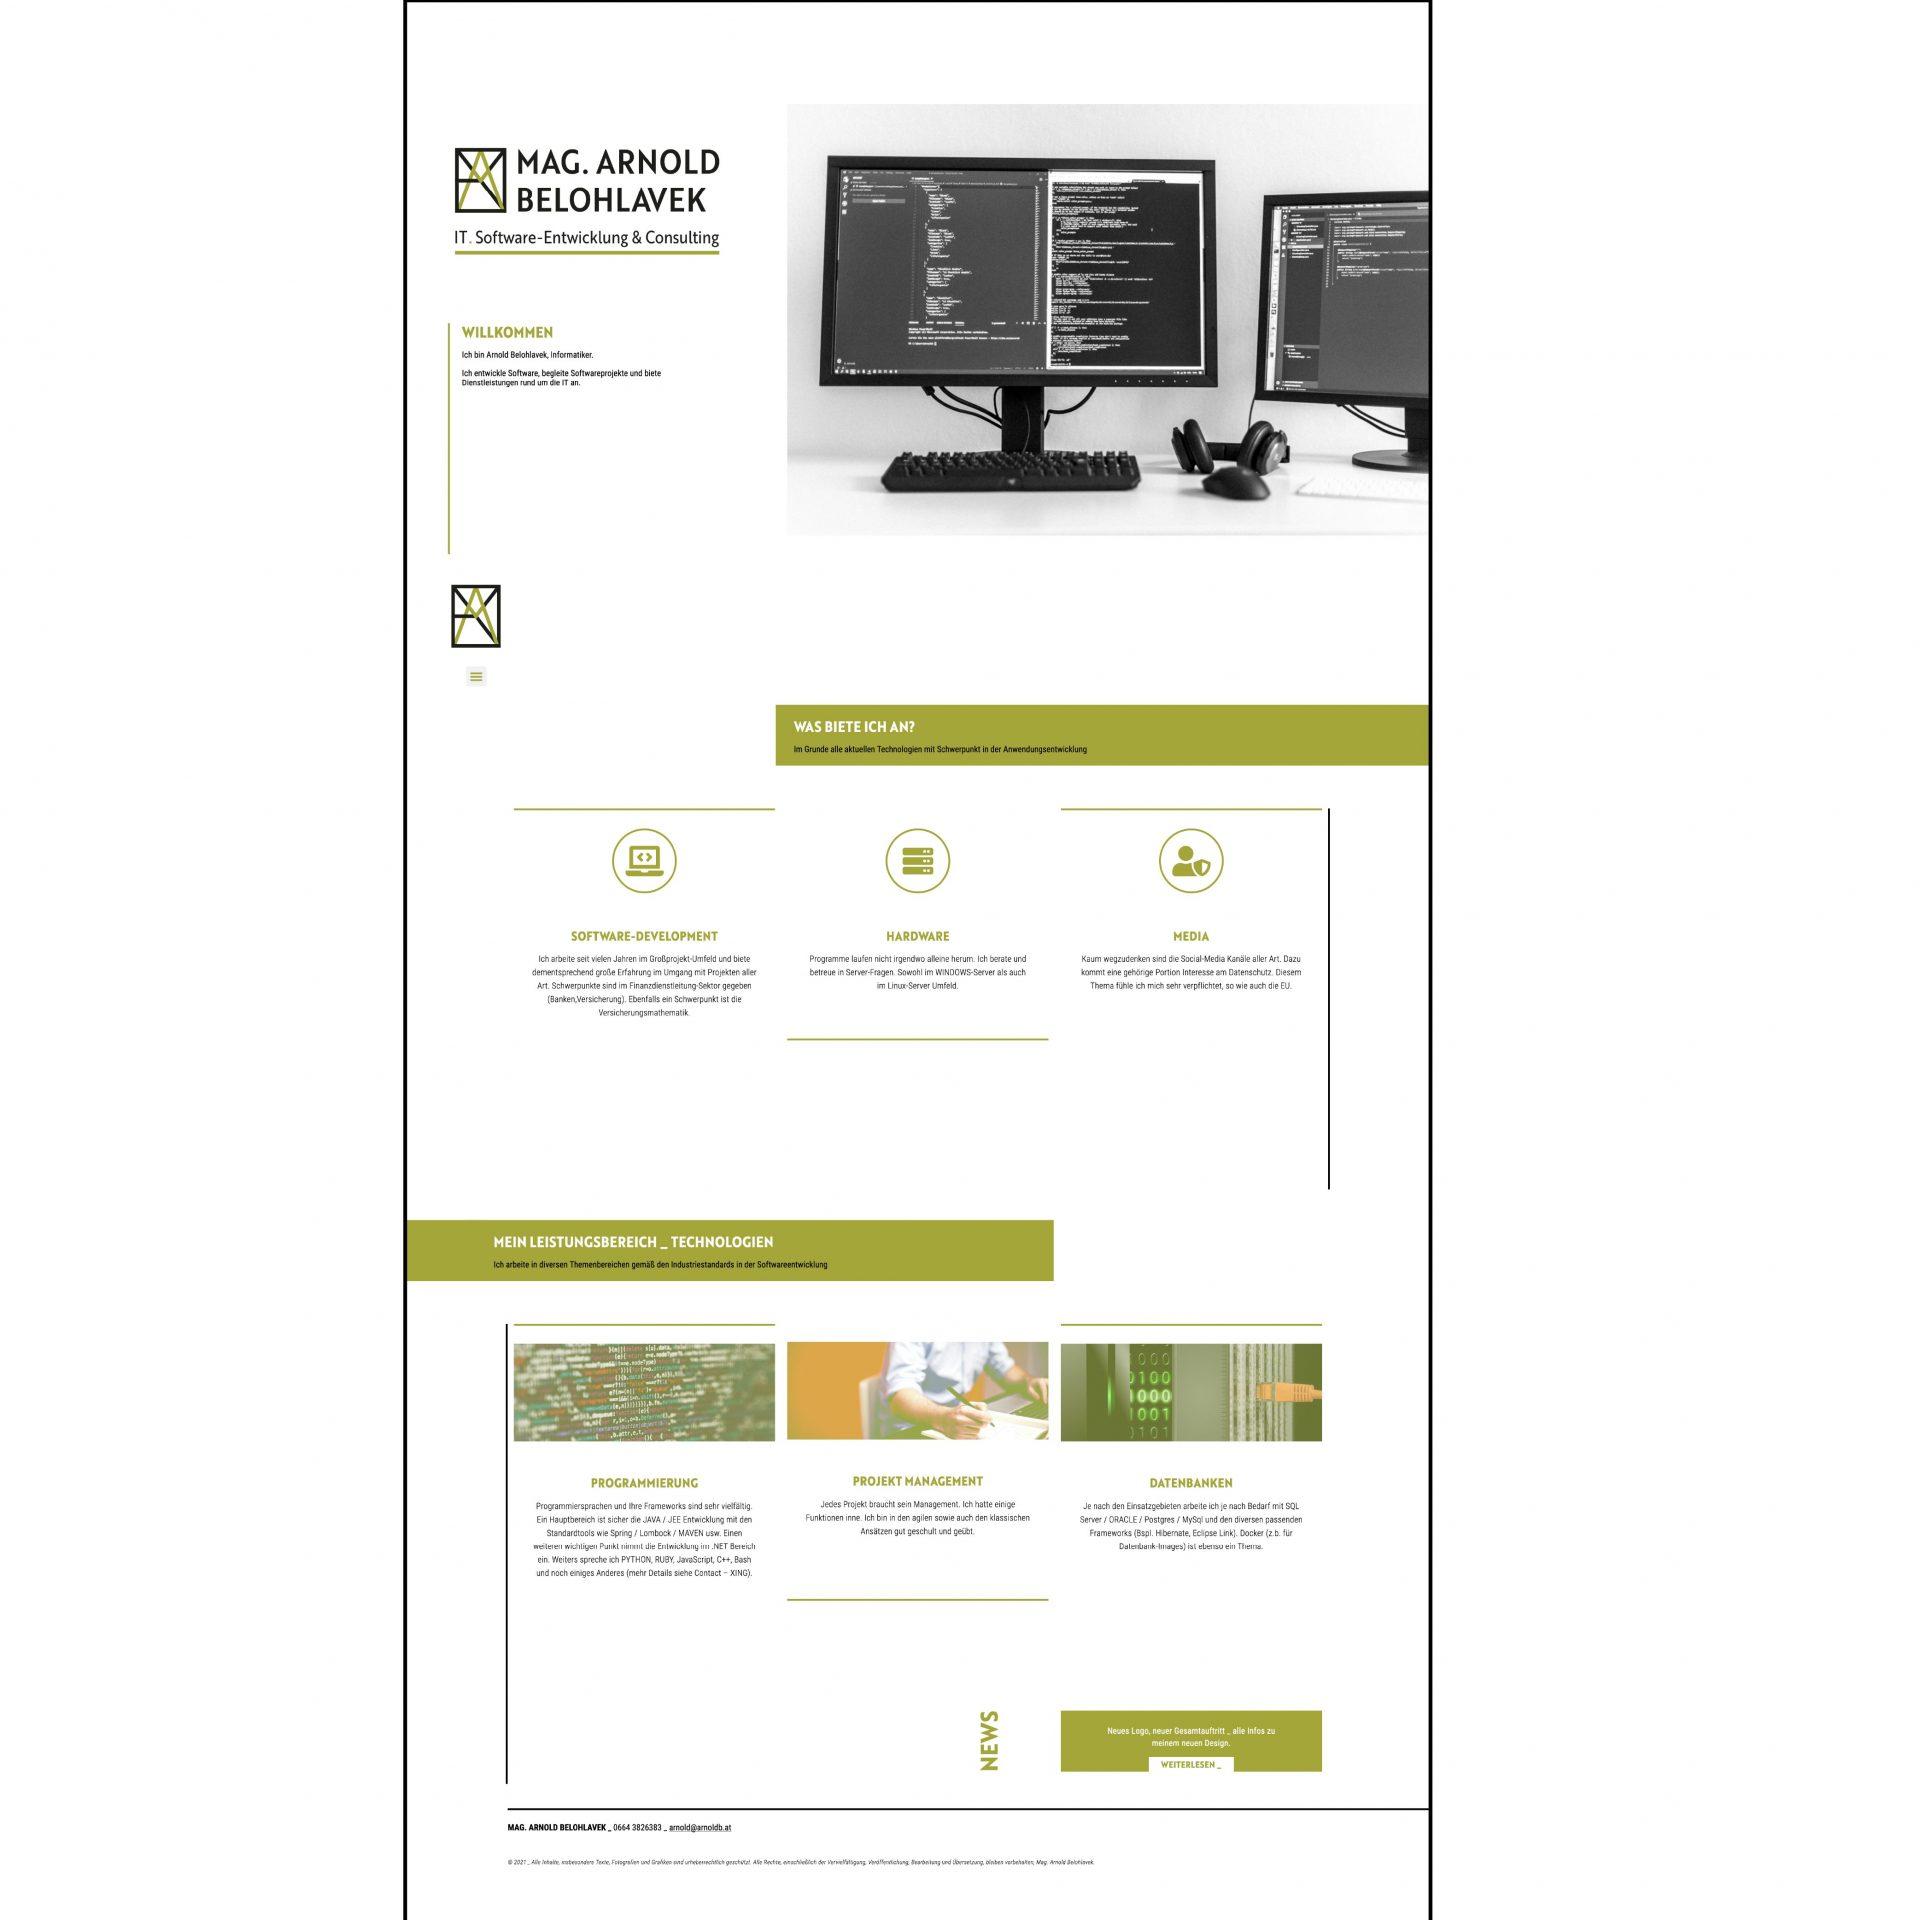 website-übersicht für mag. arnold belohlavek